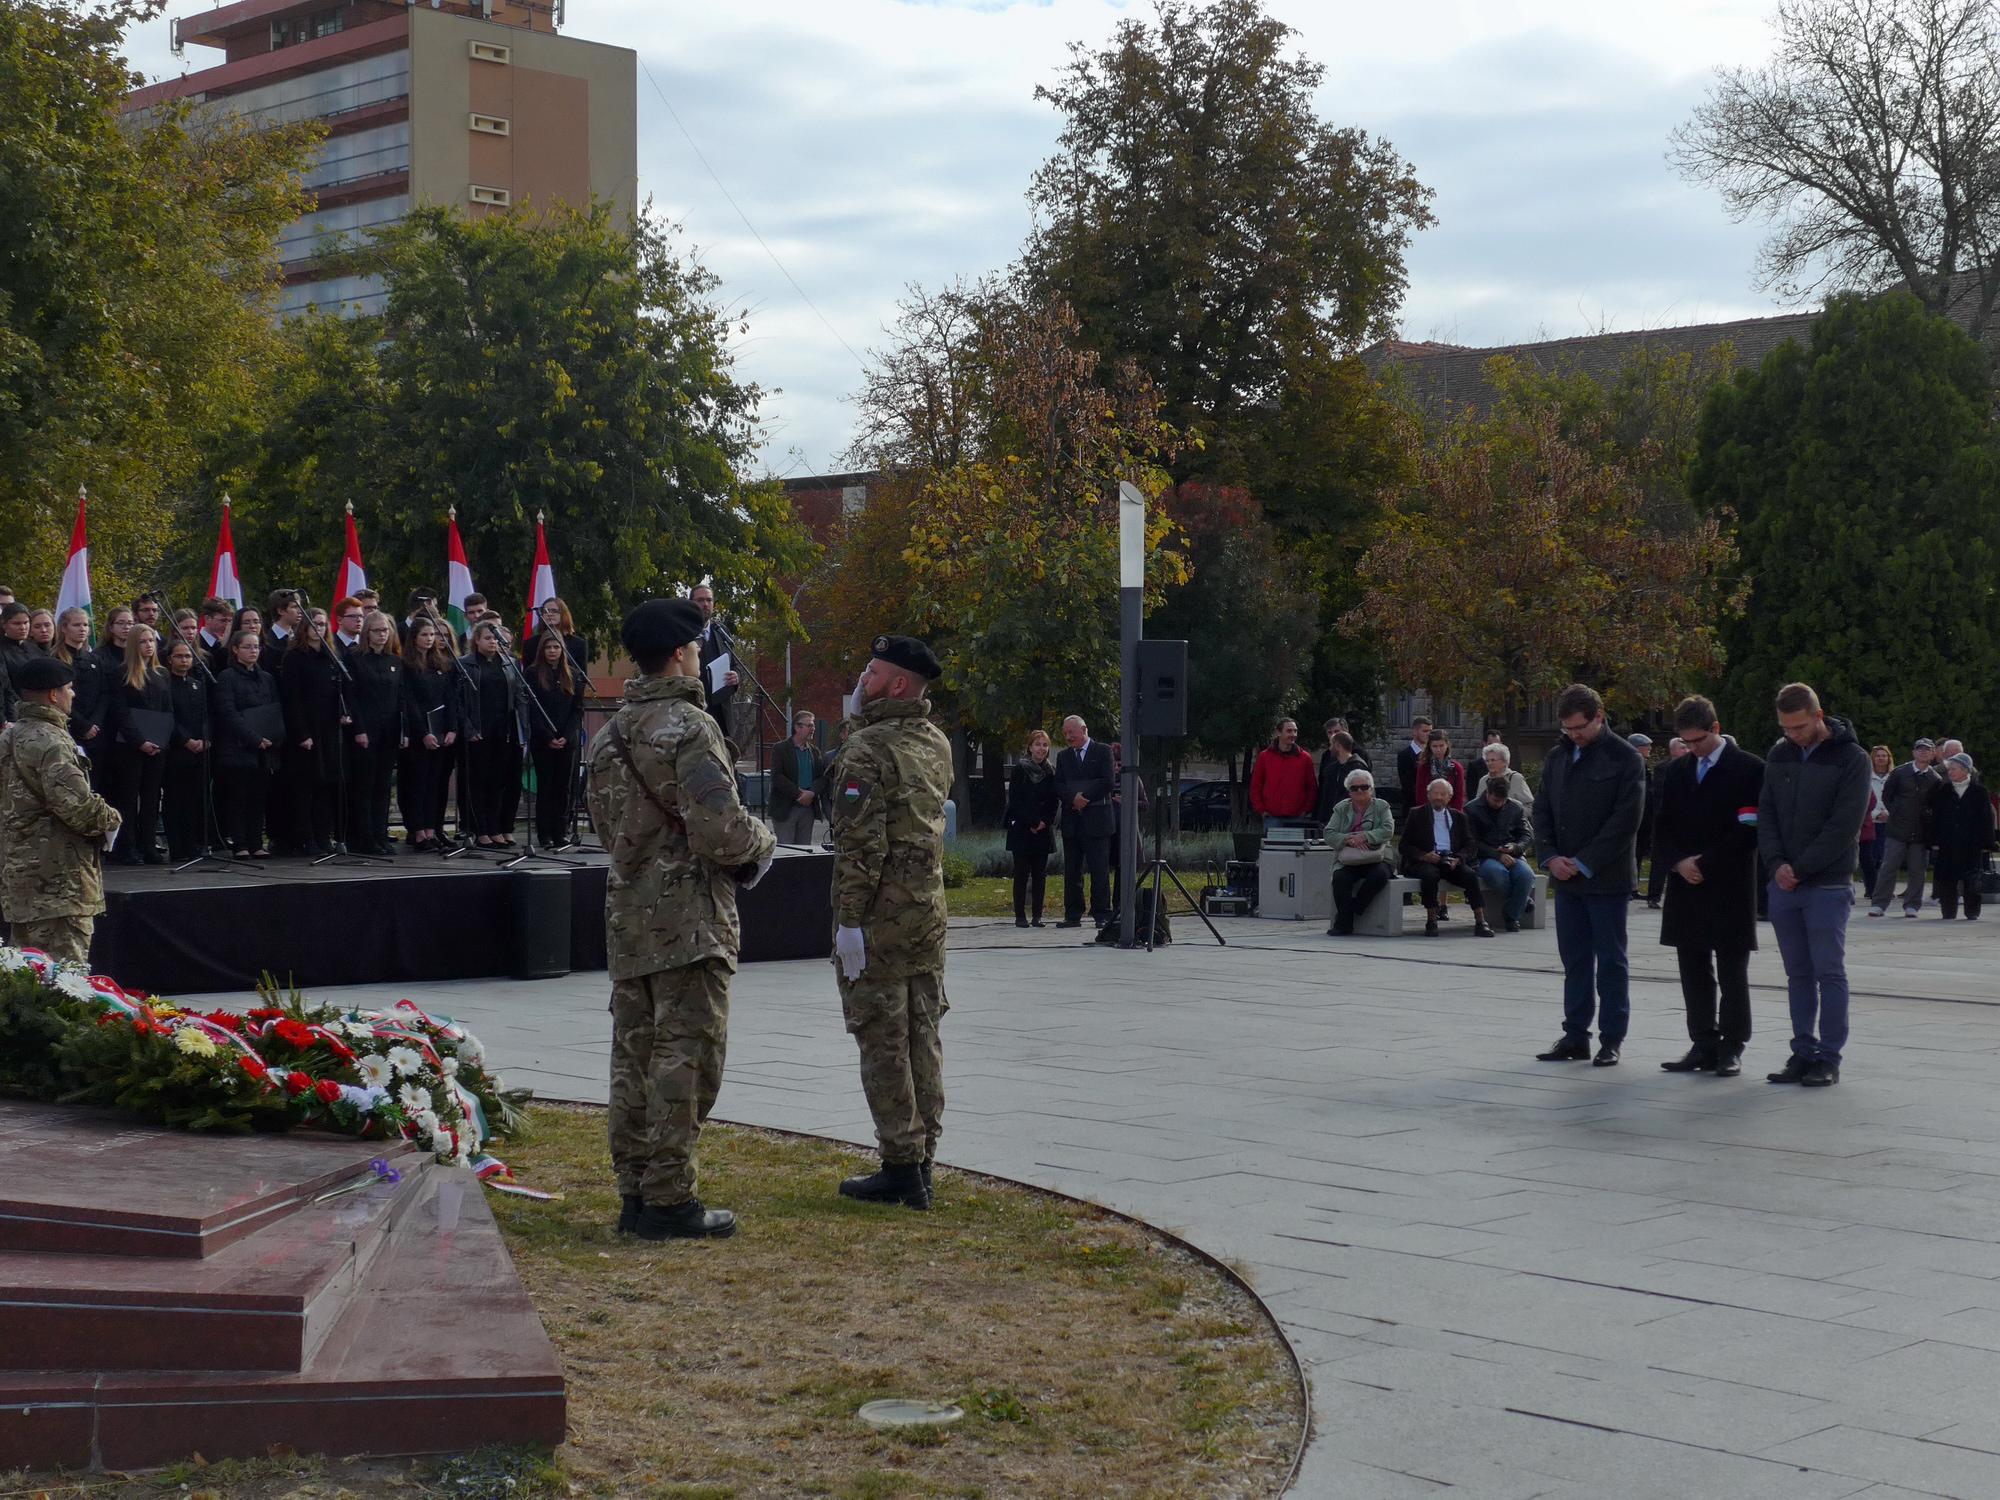 Pécs is méltóképp emlékezett az 1956-os forradalom és szabadságharc hőseire